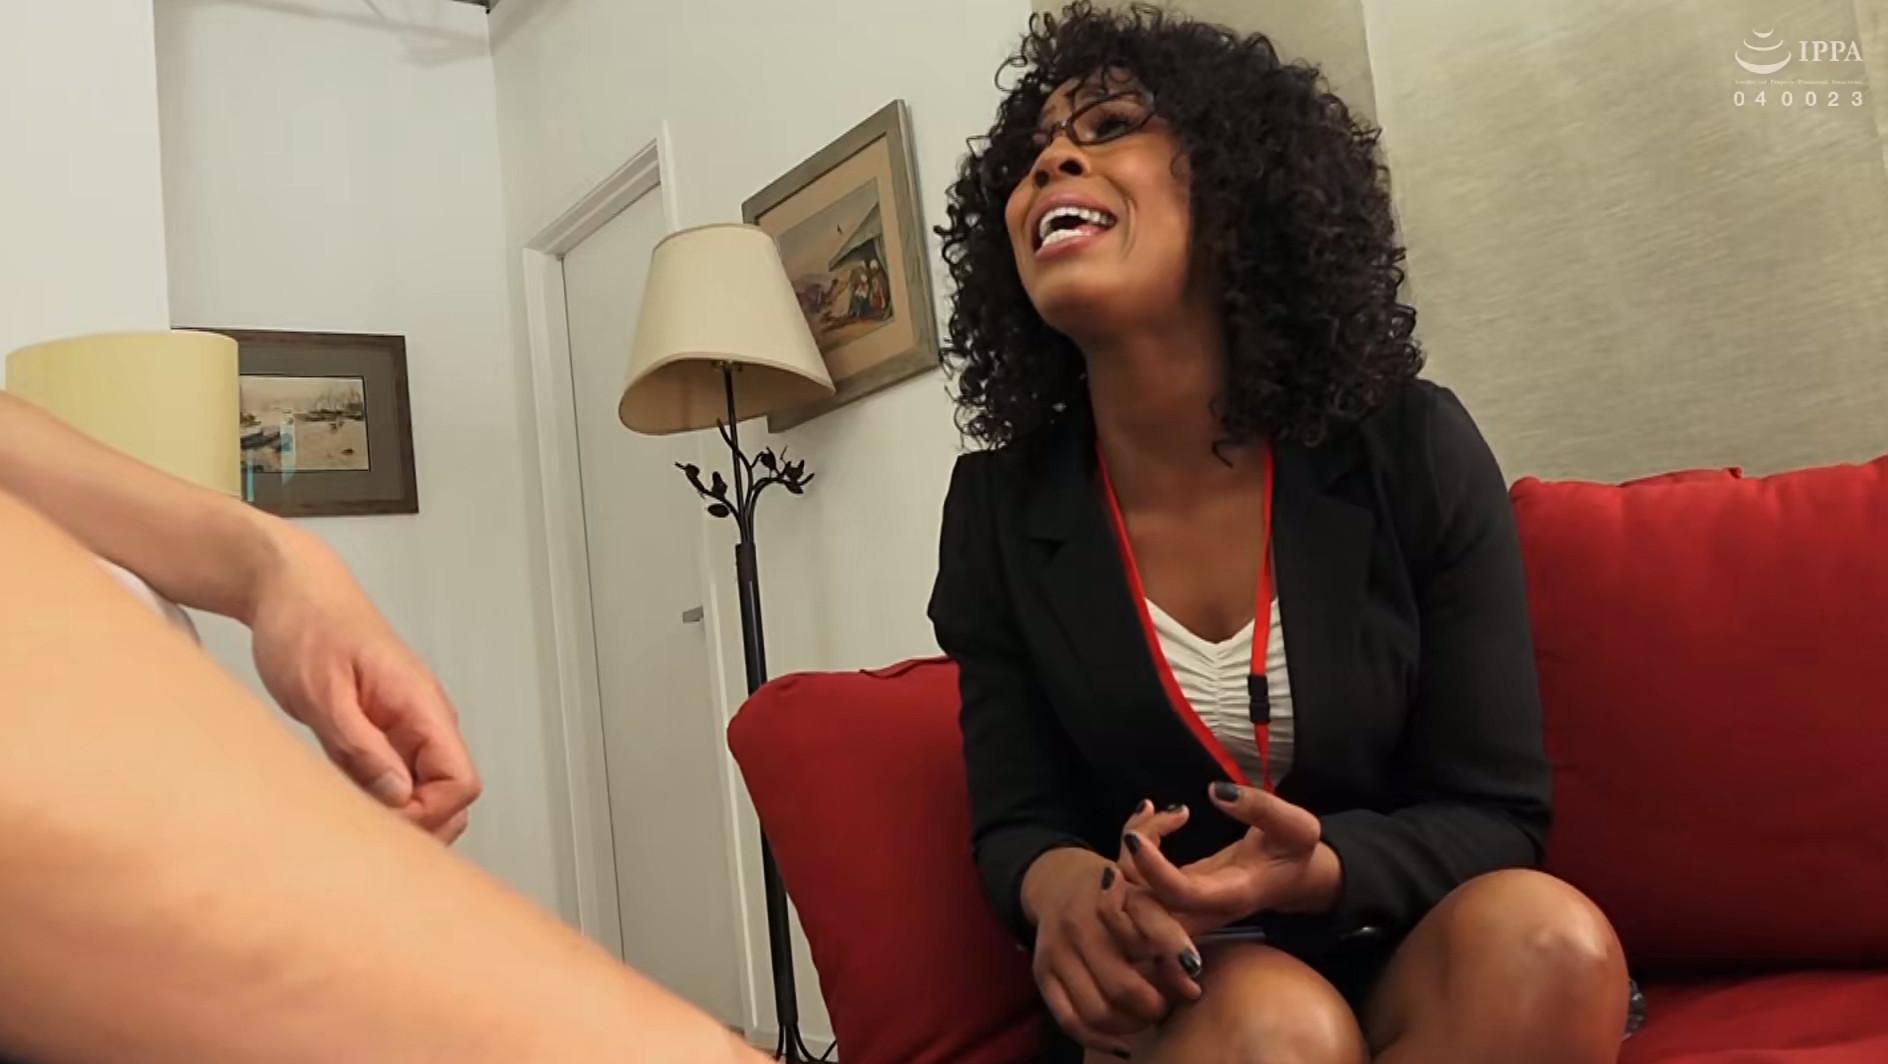 たまには黒人美女とかどうですか?スタイル&ボディ完璧なブラックガールを厳選してハメてみたよ! 4時間10人